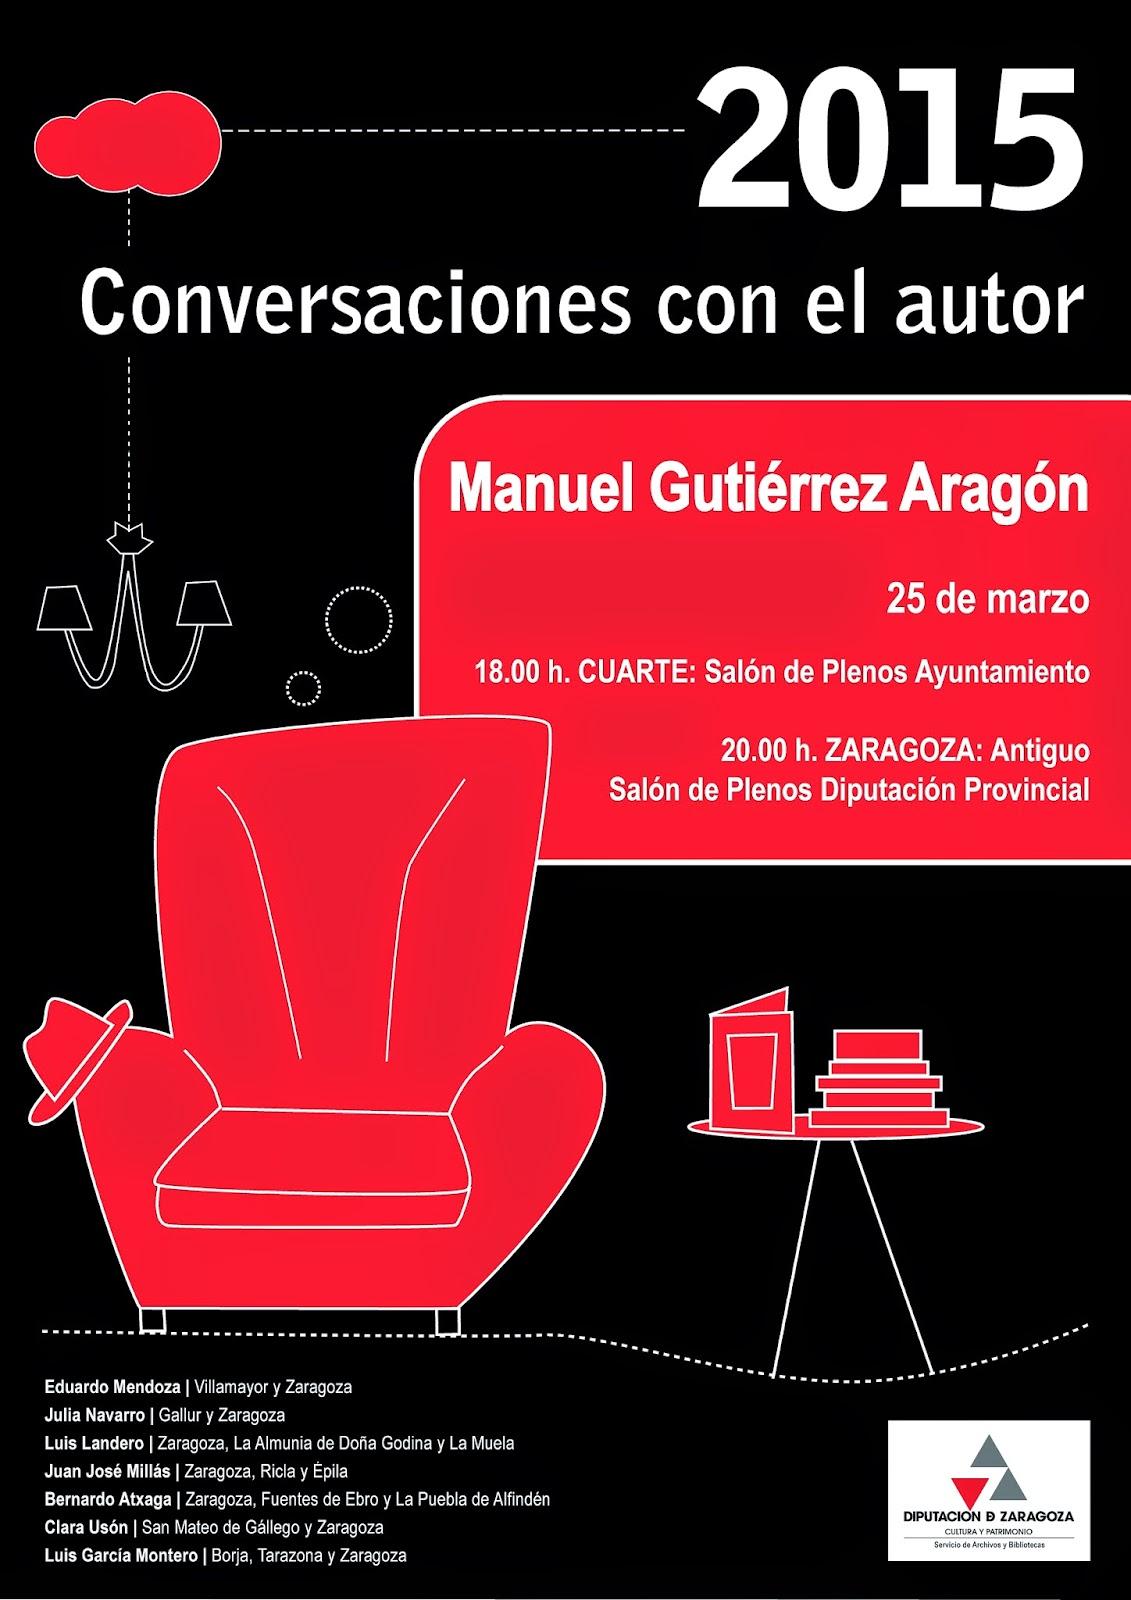 Conversaciones con el autor: 25 de marzo: Manuel Gutierrez Aragón en ...